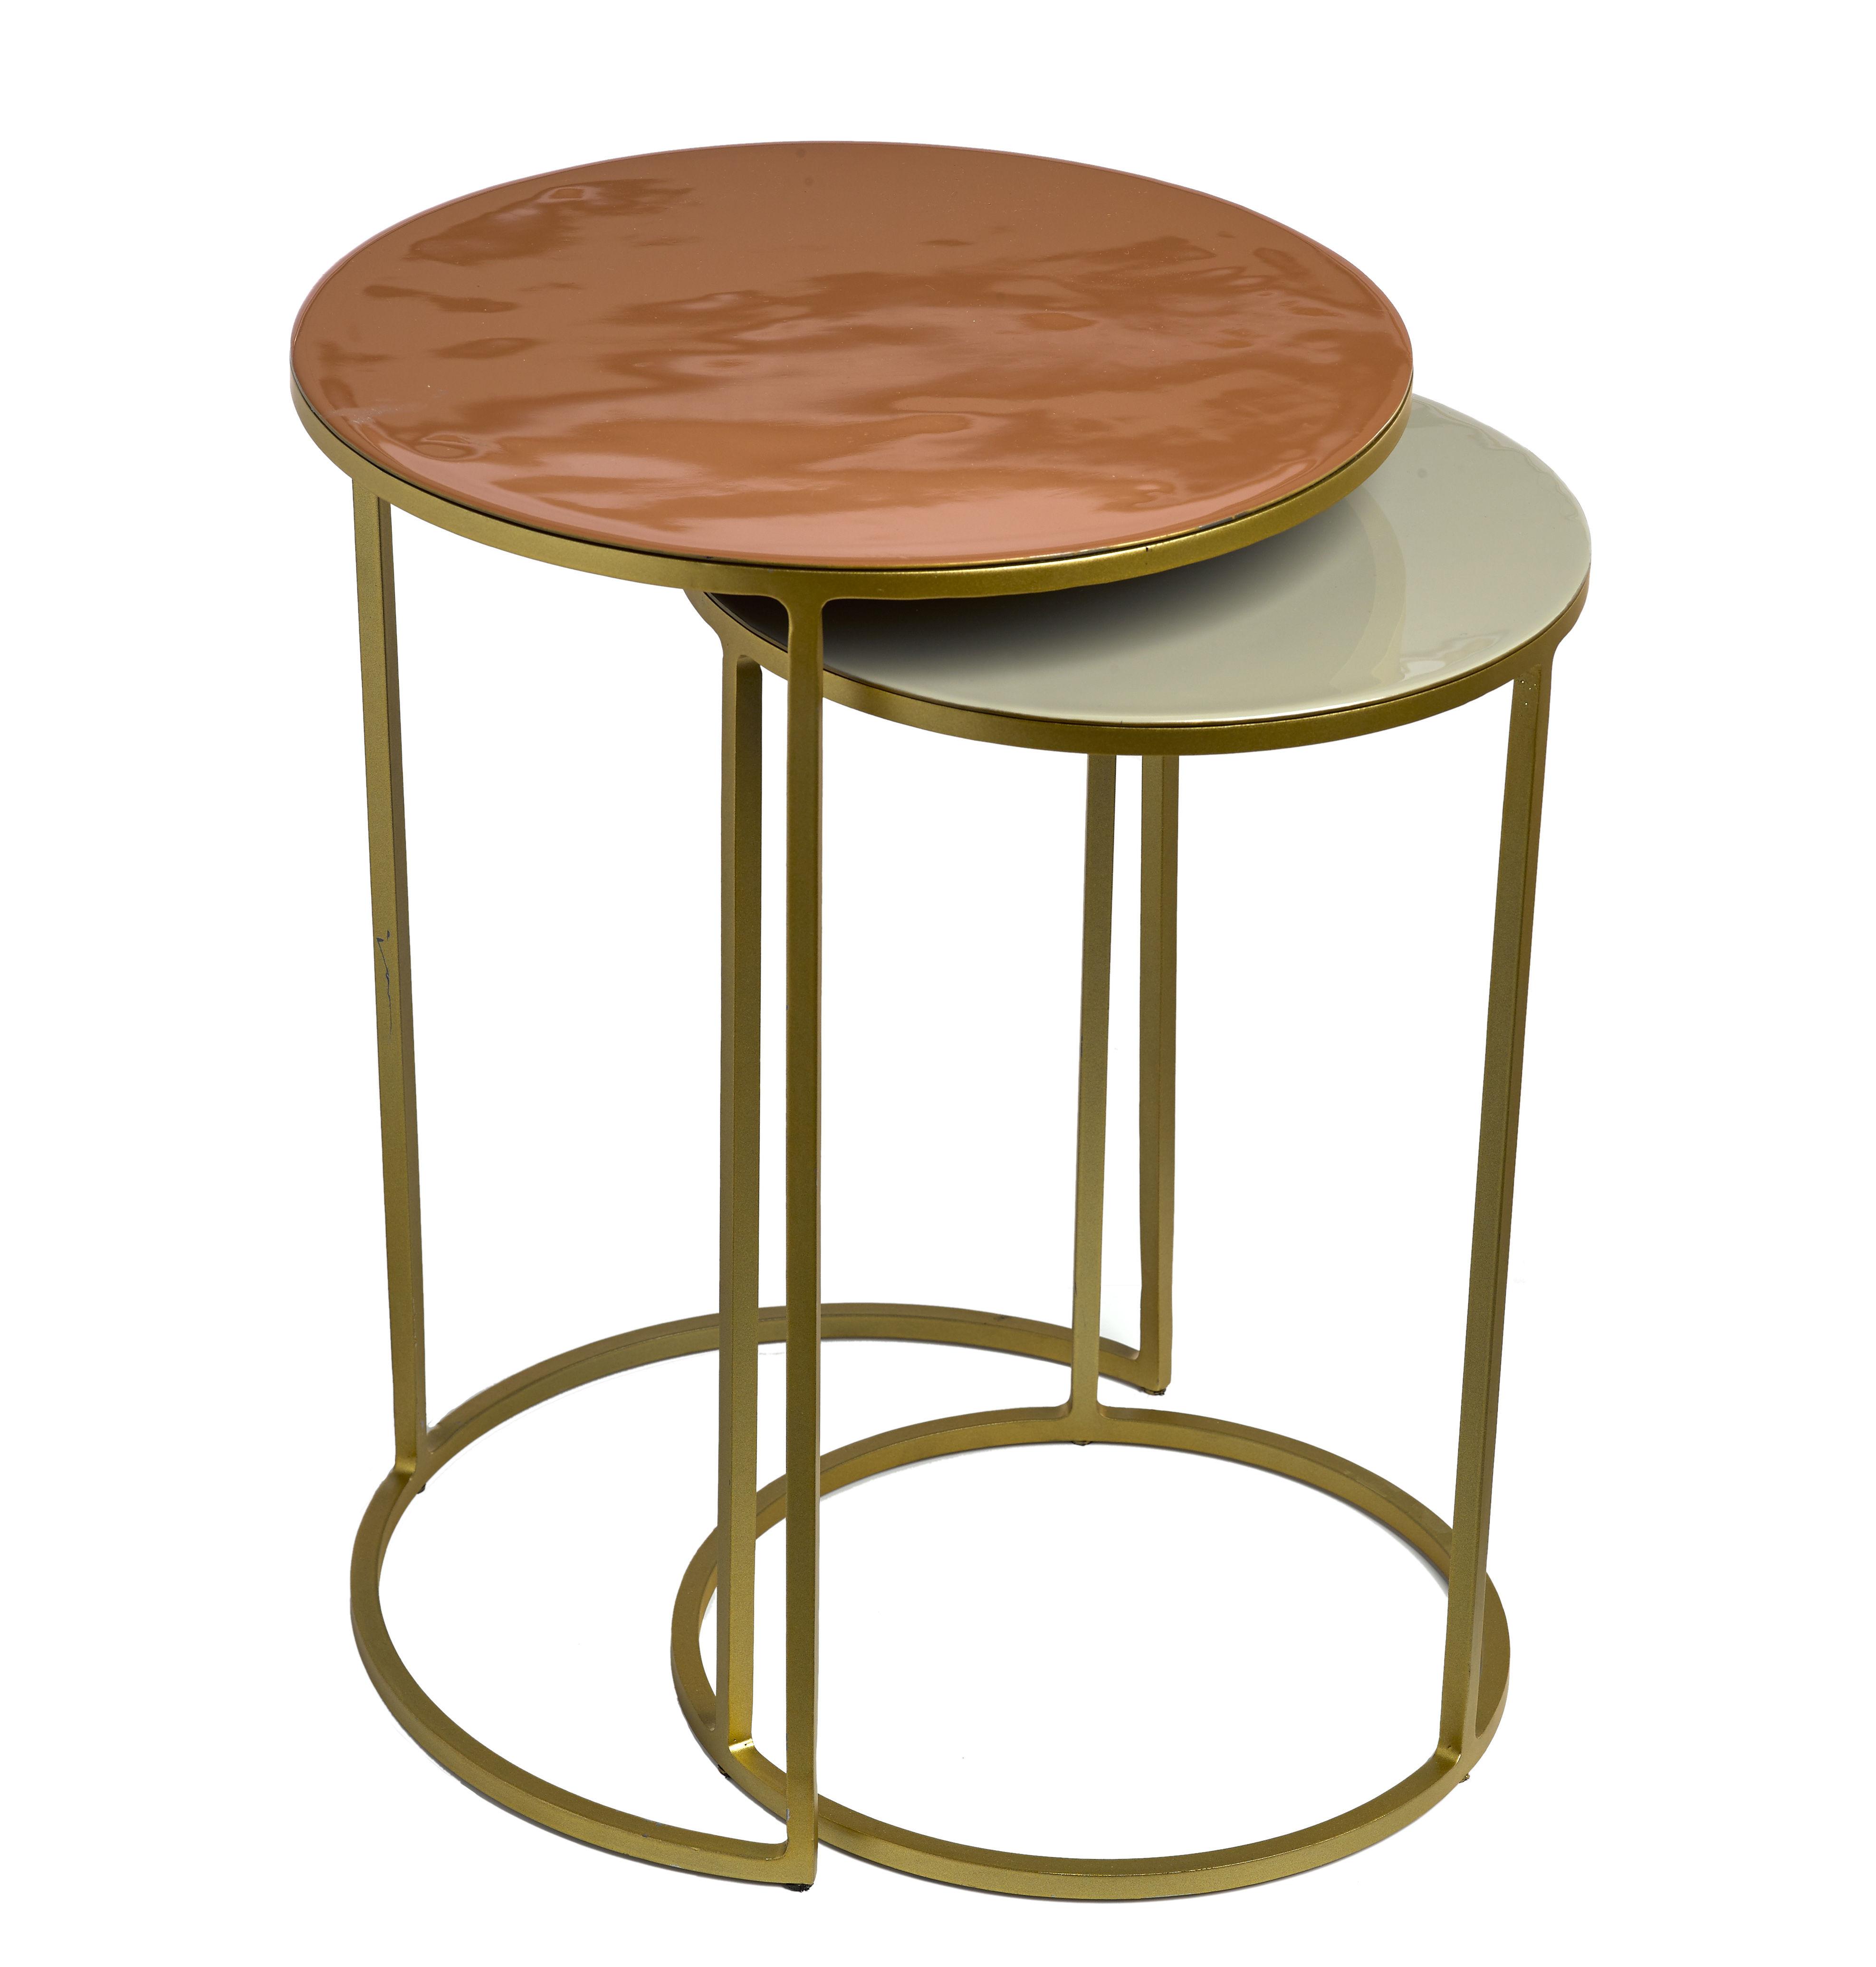 Mobilier - Tables basses - Tables gigognes Enamel / Set de 2 - Fer émaillé - Pols Potten - Rose & beige / Or - Fer émaillé, Métal peint